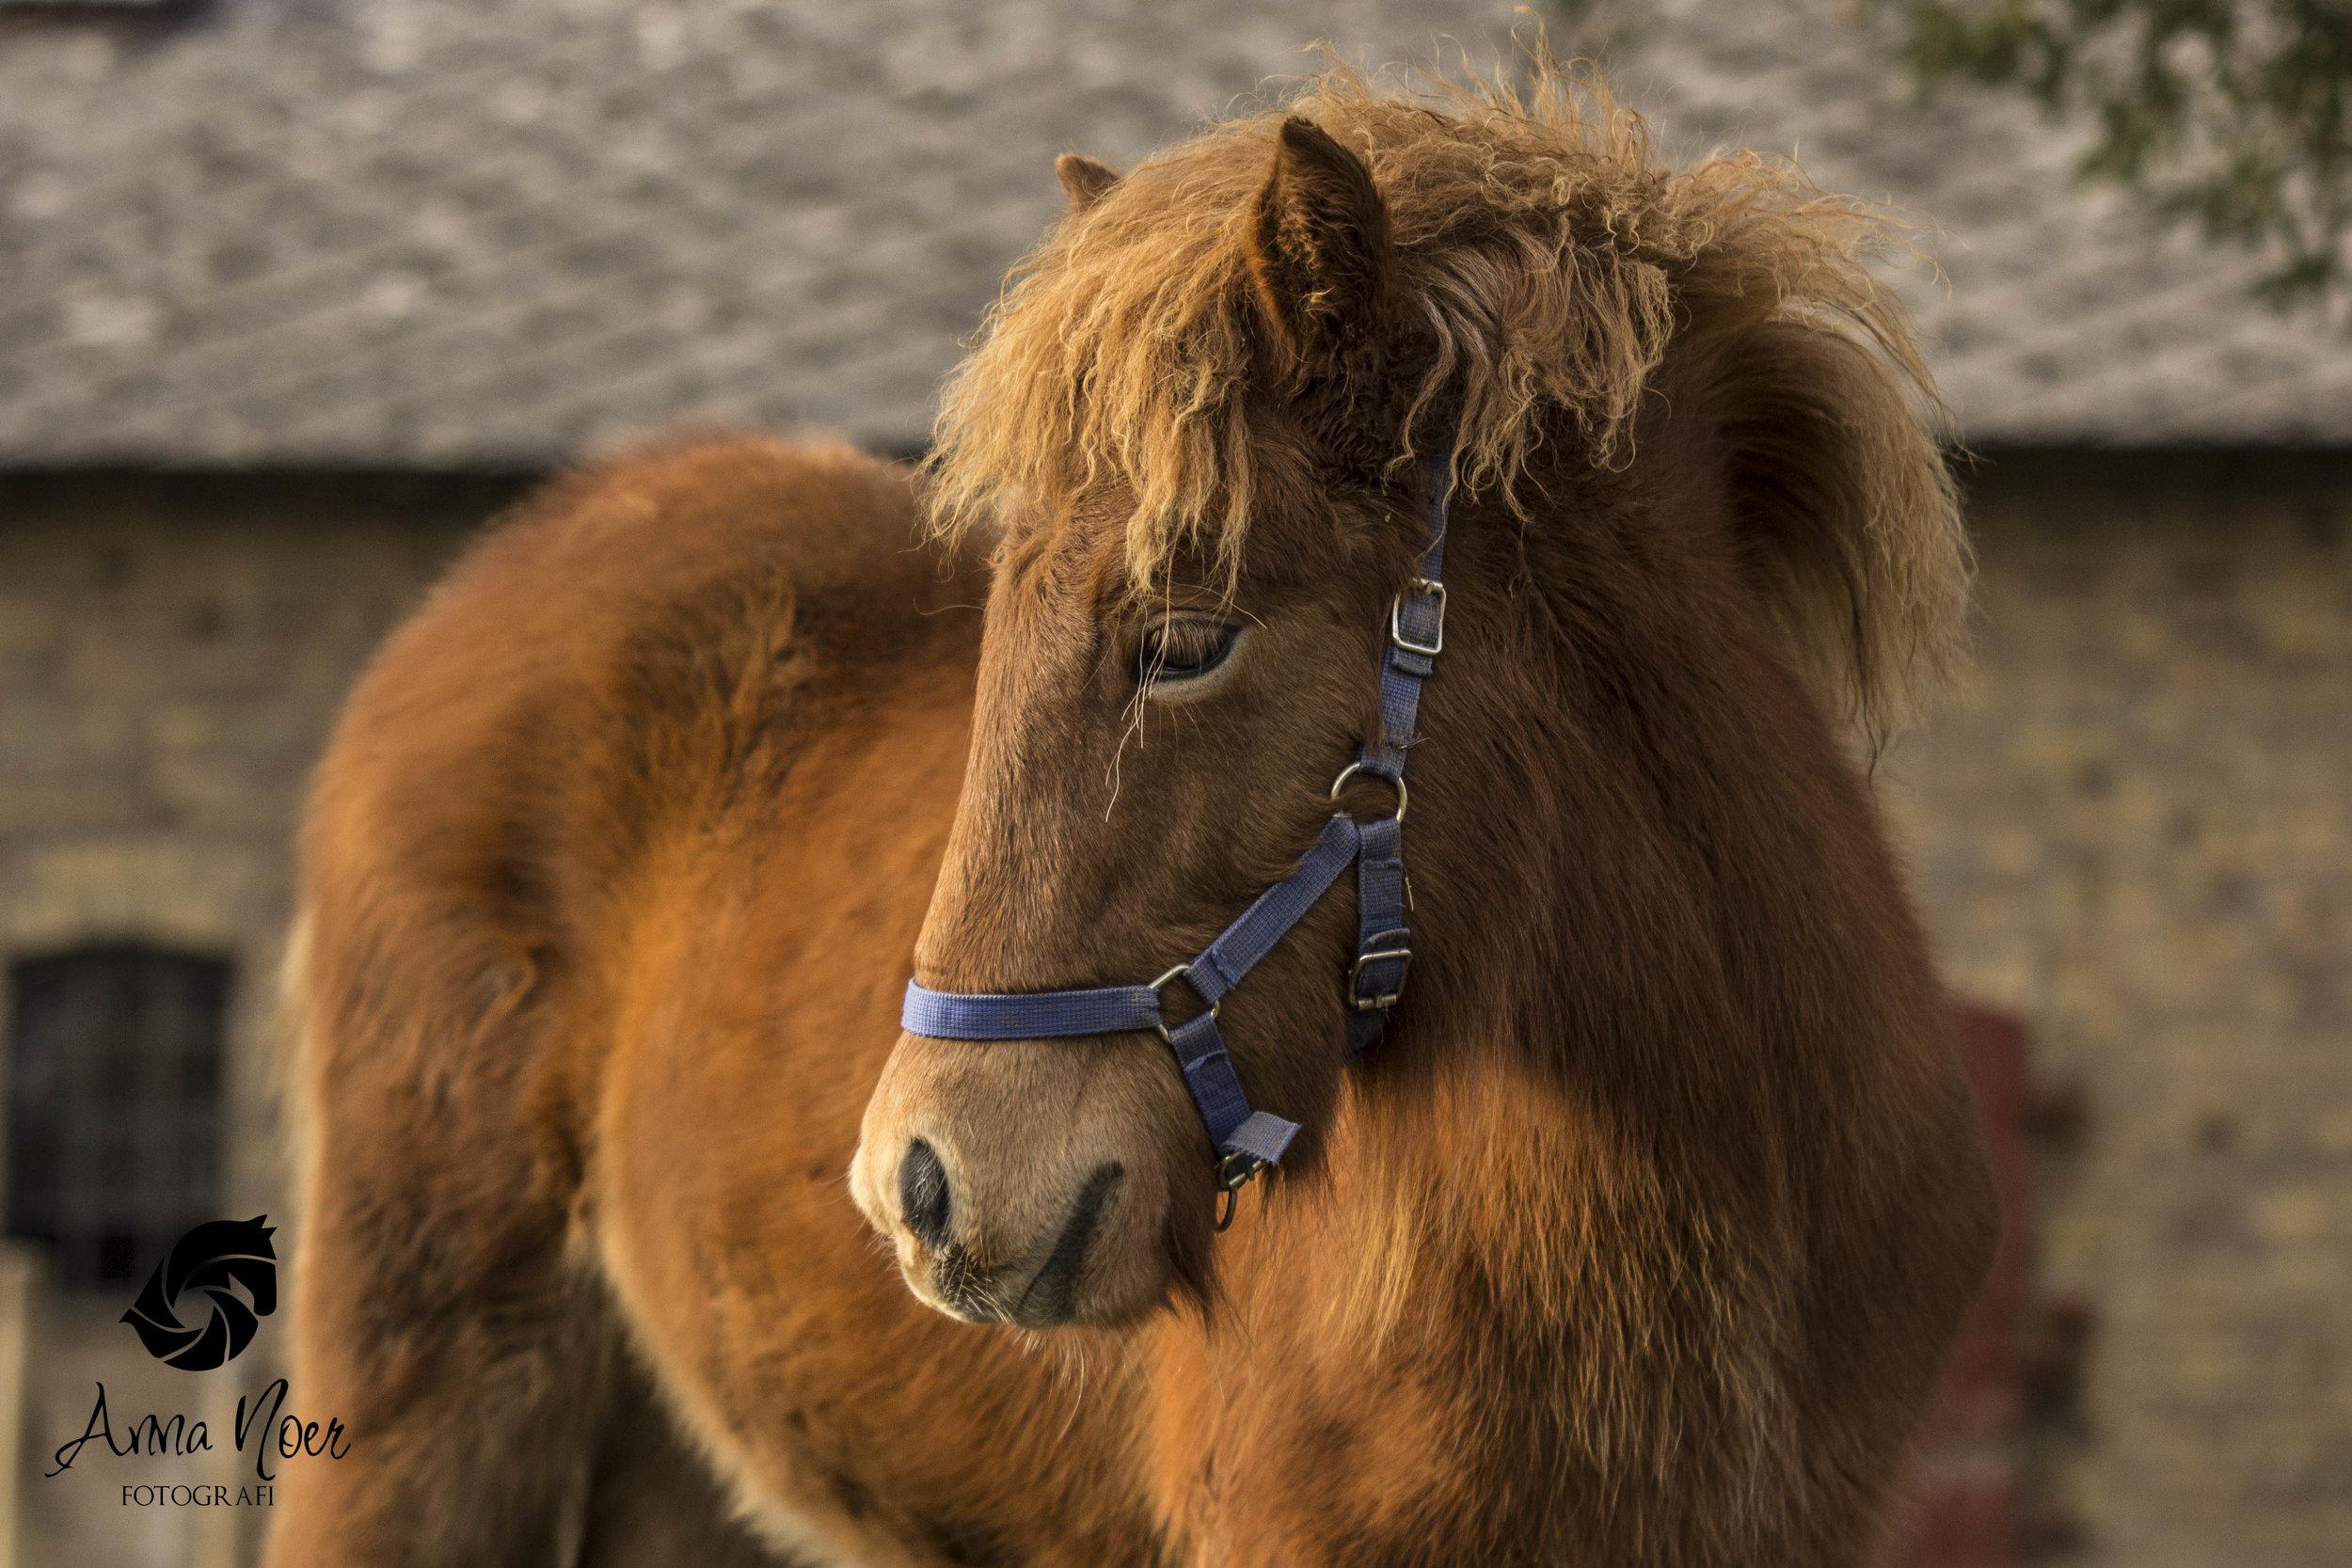 Byrjun har den smukkeste dybtrøde farve og masser af hår.